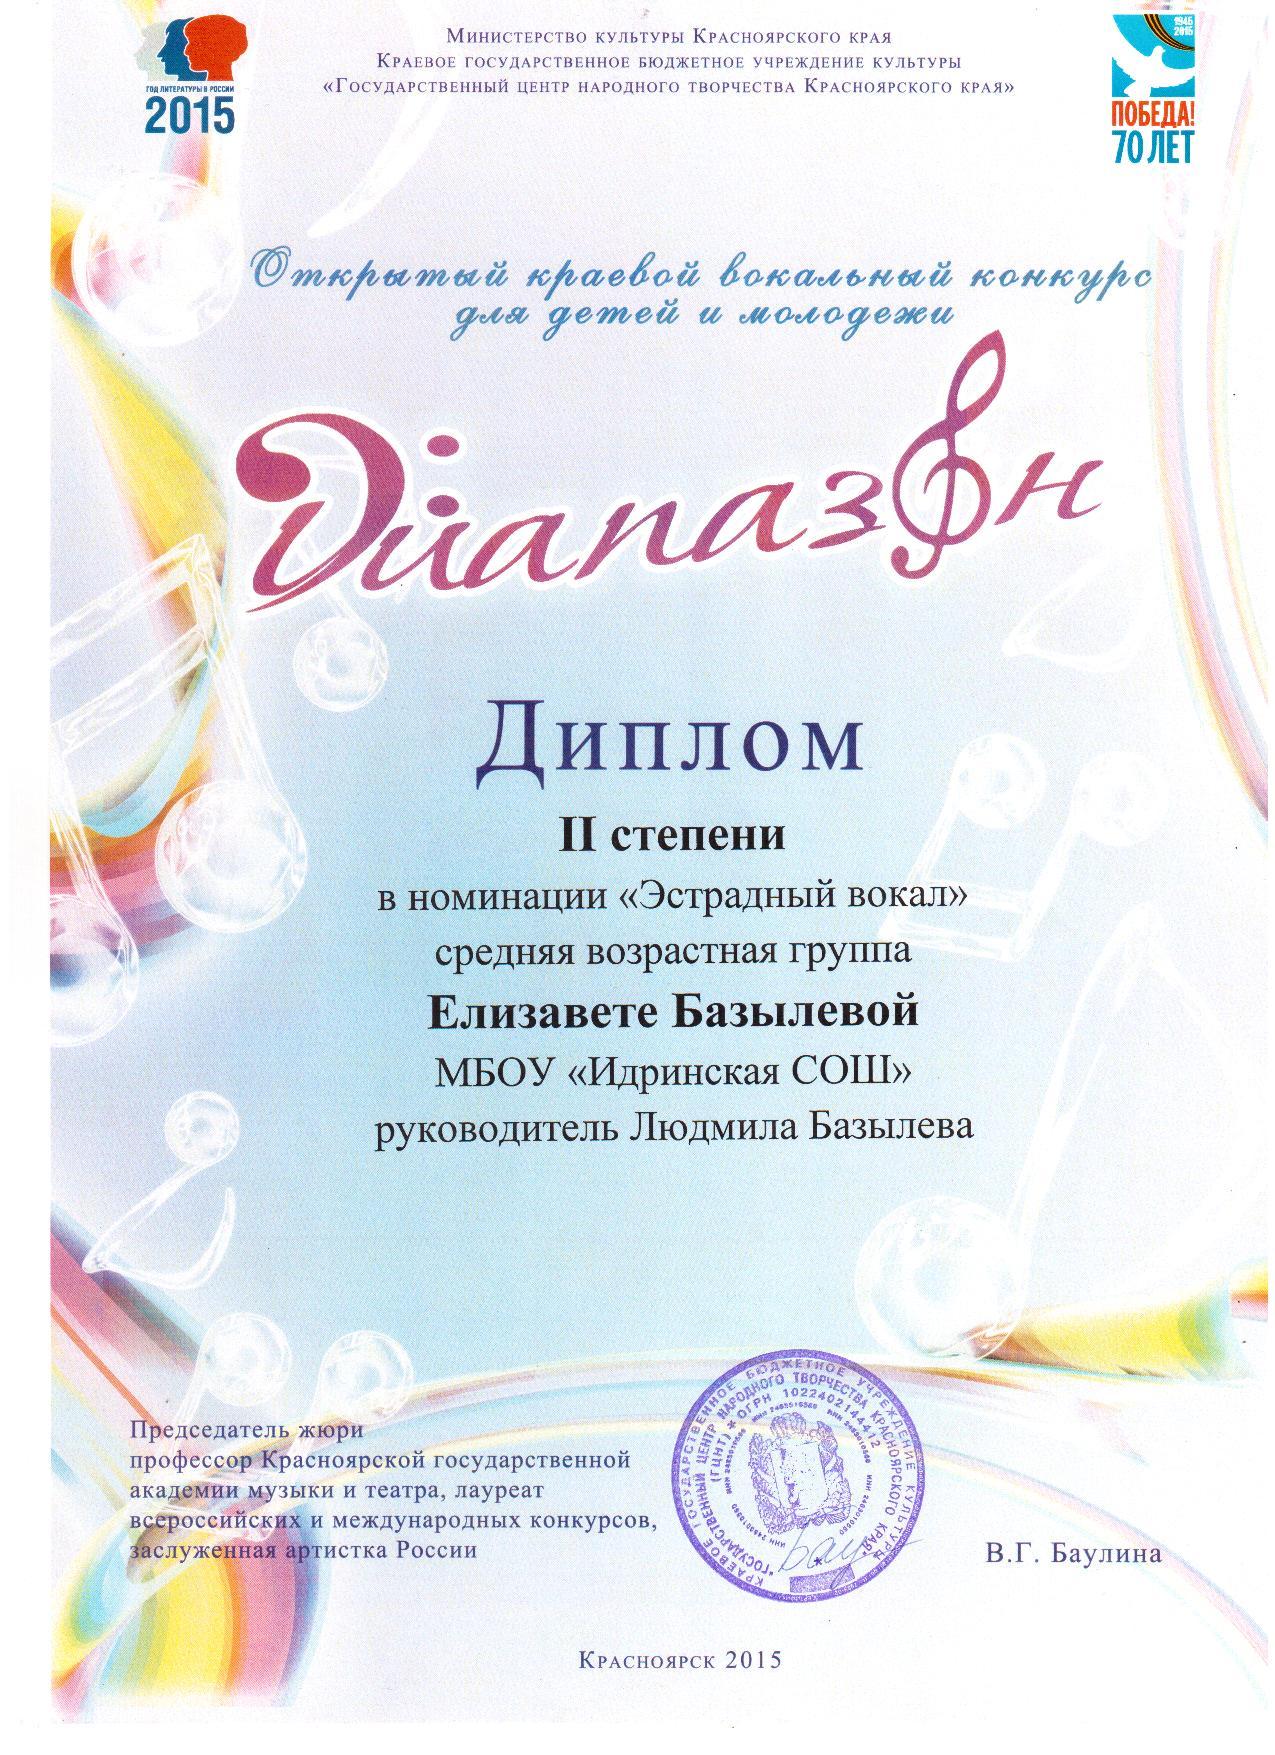 Поздравления участникам вокальных конкурсов